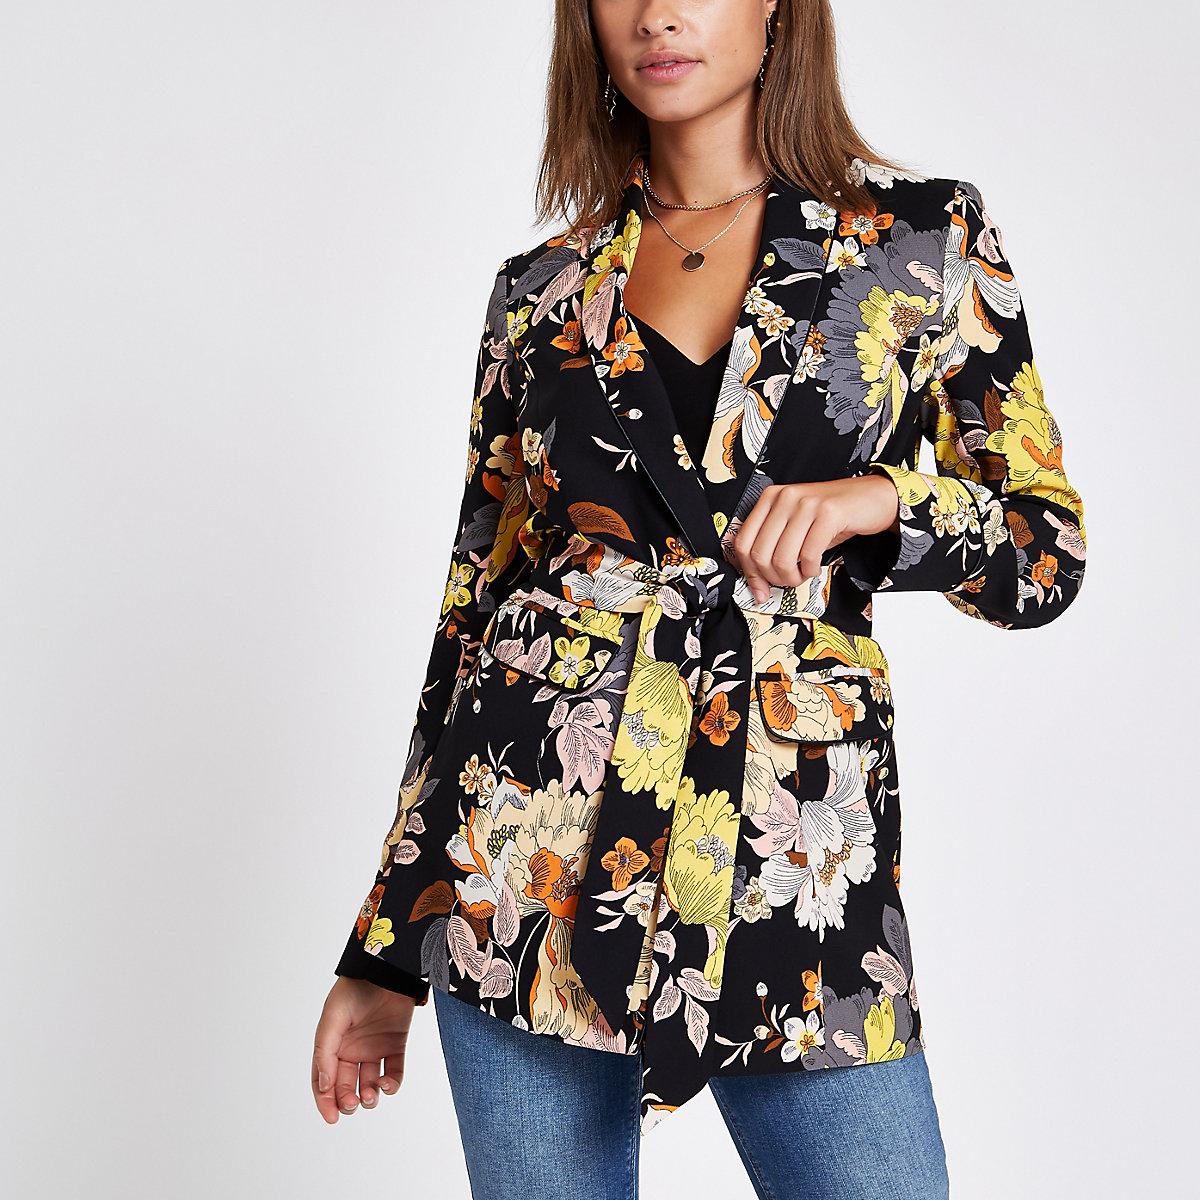 Black floral print belted blazer jacket